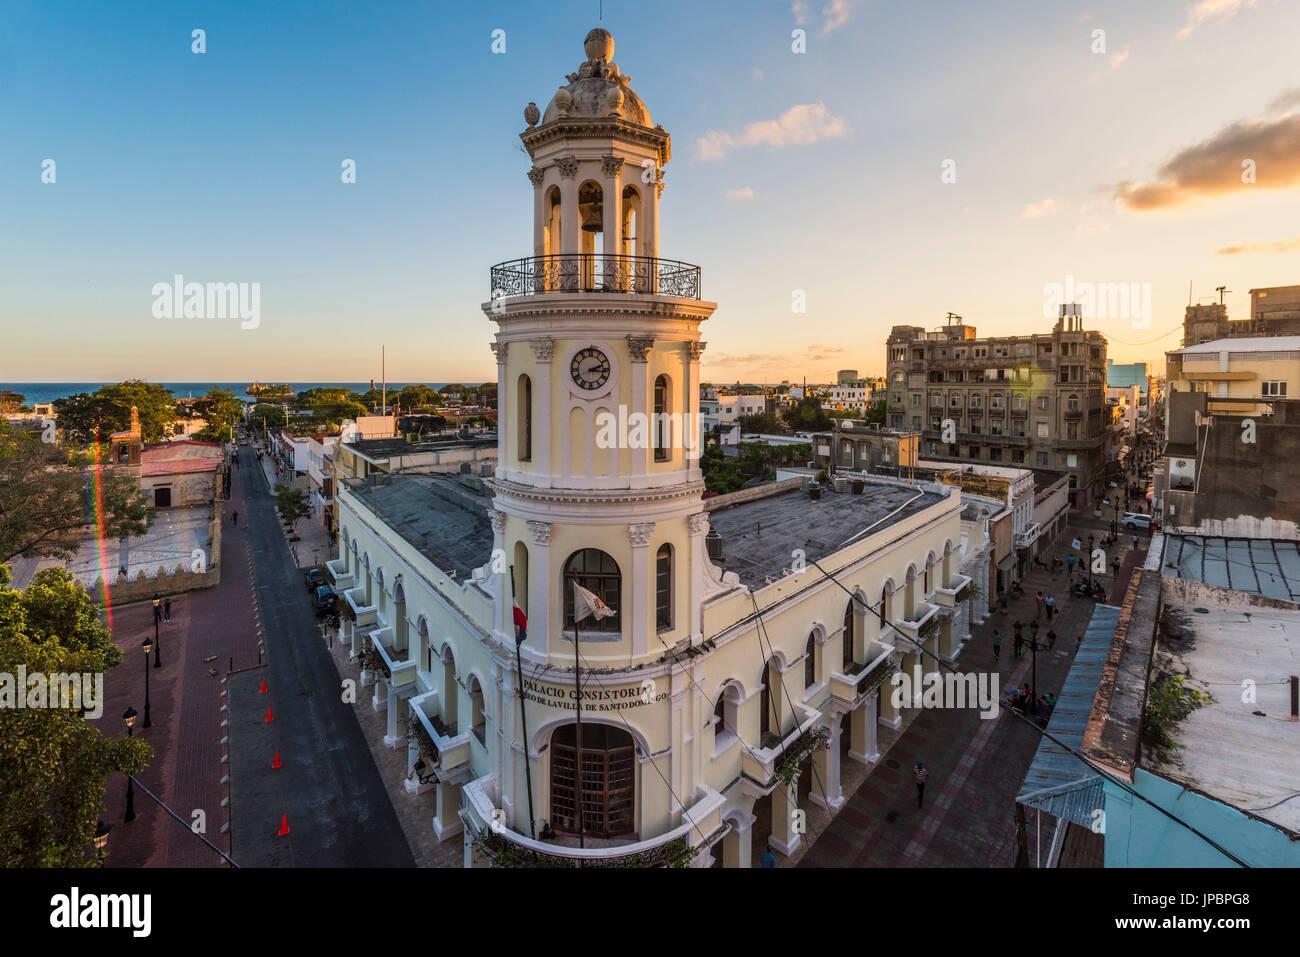 Zona Colonial (Ciudad Colonial), Santo Domingo, República Dominicana. La arquitectura colonial del Palacio Consistorial. Imagen De Stock